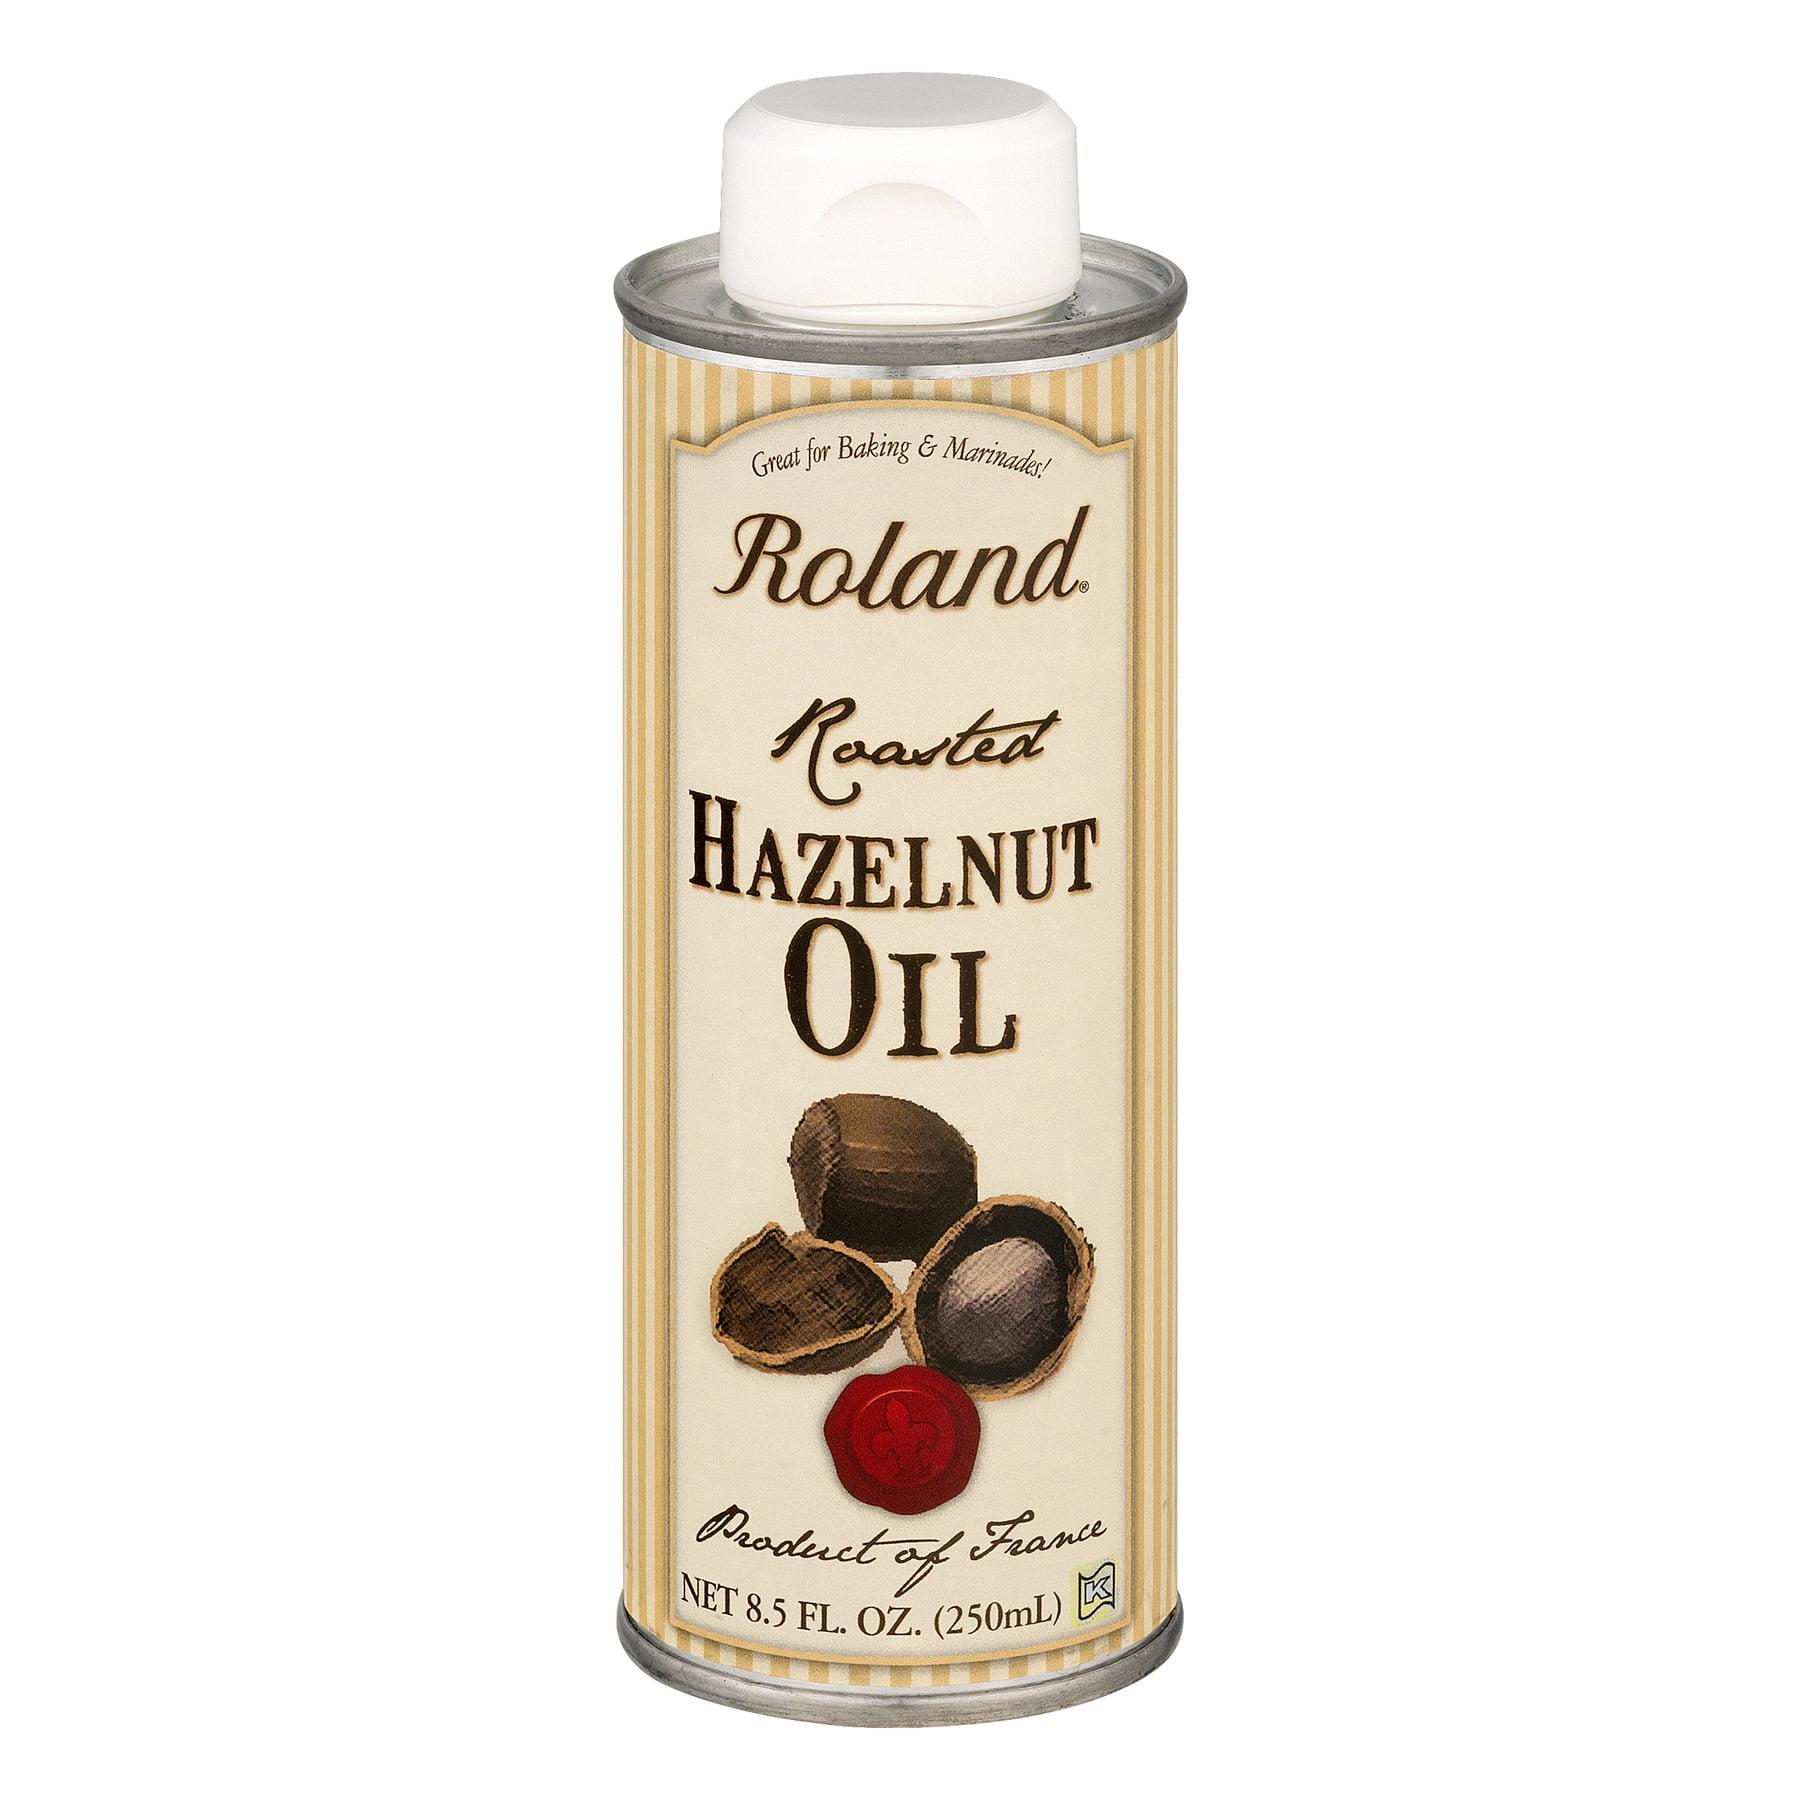 Roland Roasted Hazelnut Oil, 8.5 fl oz